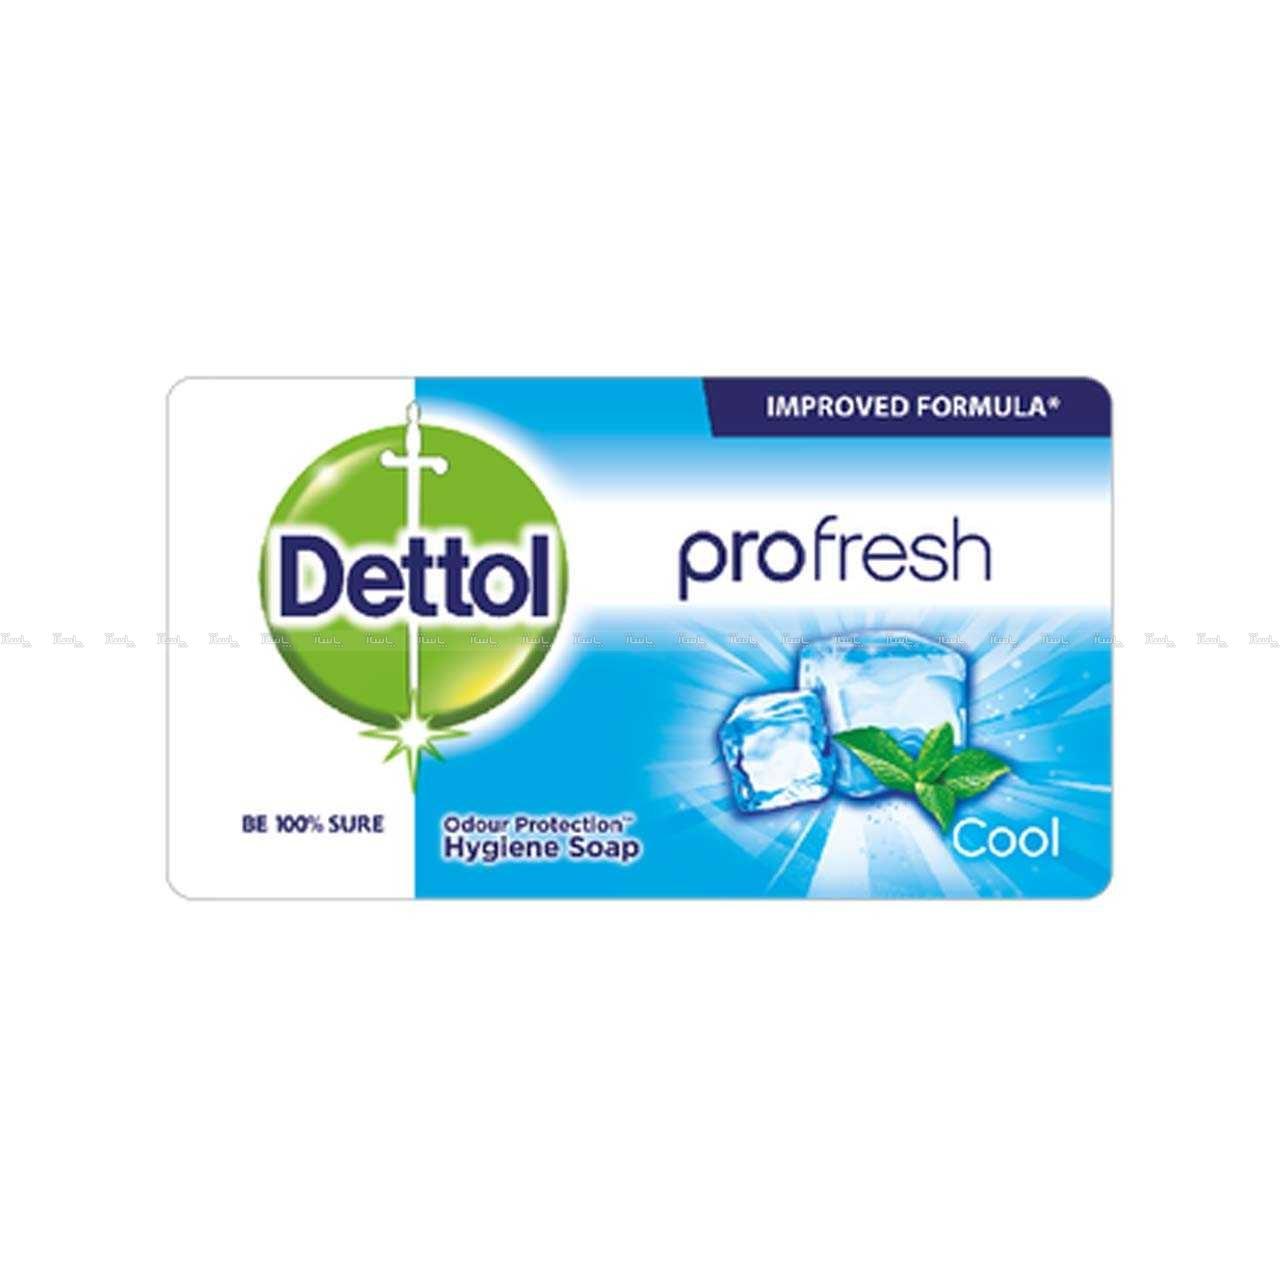 صابون آنتی باکتریال کول Pro Fresh دتول Dettol-تصویر اصلی